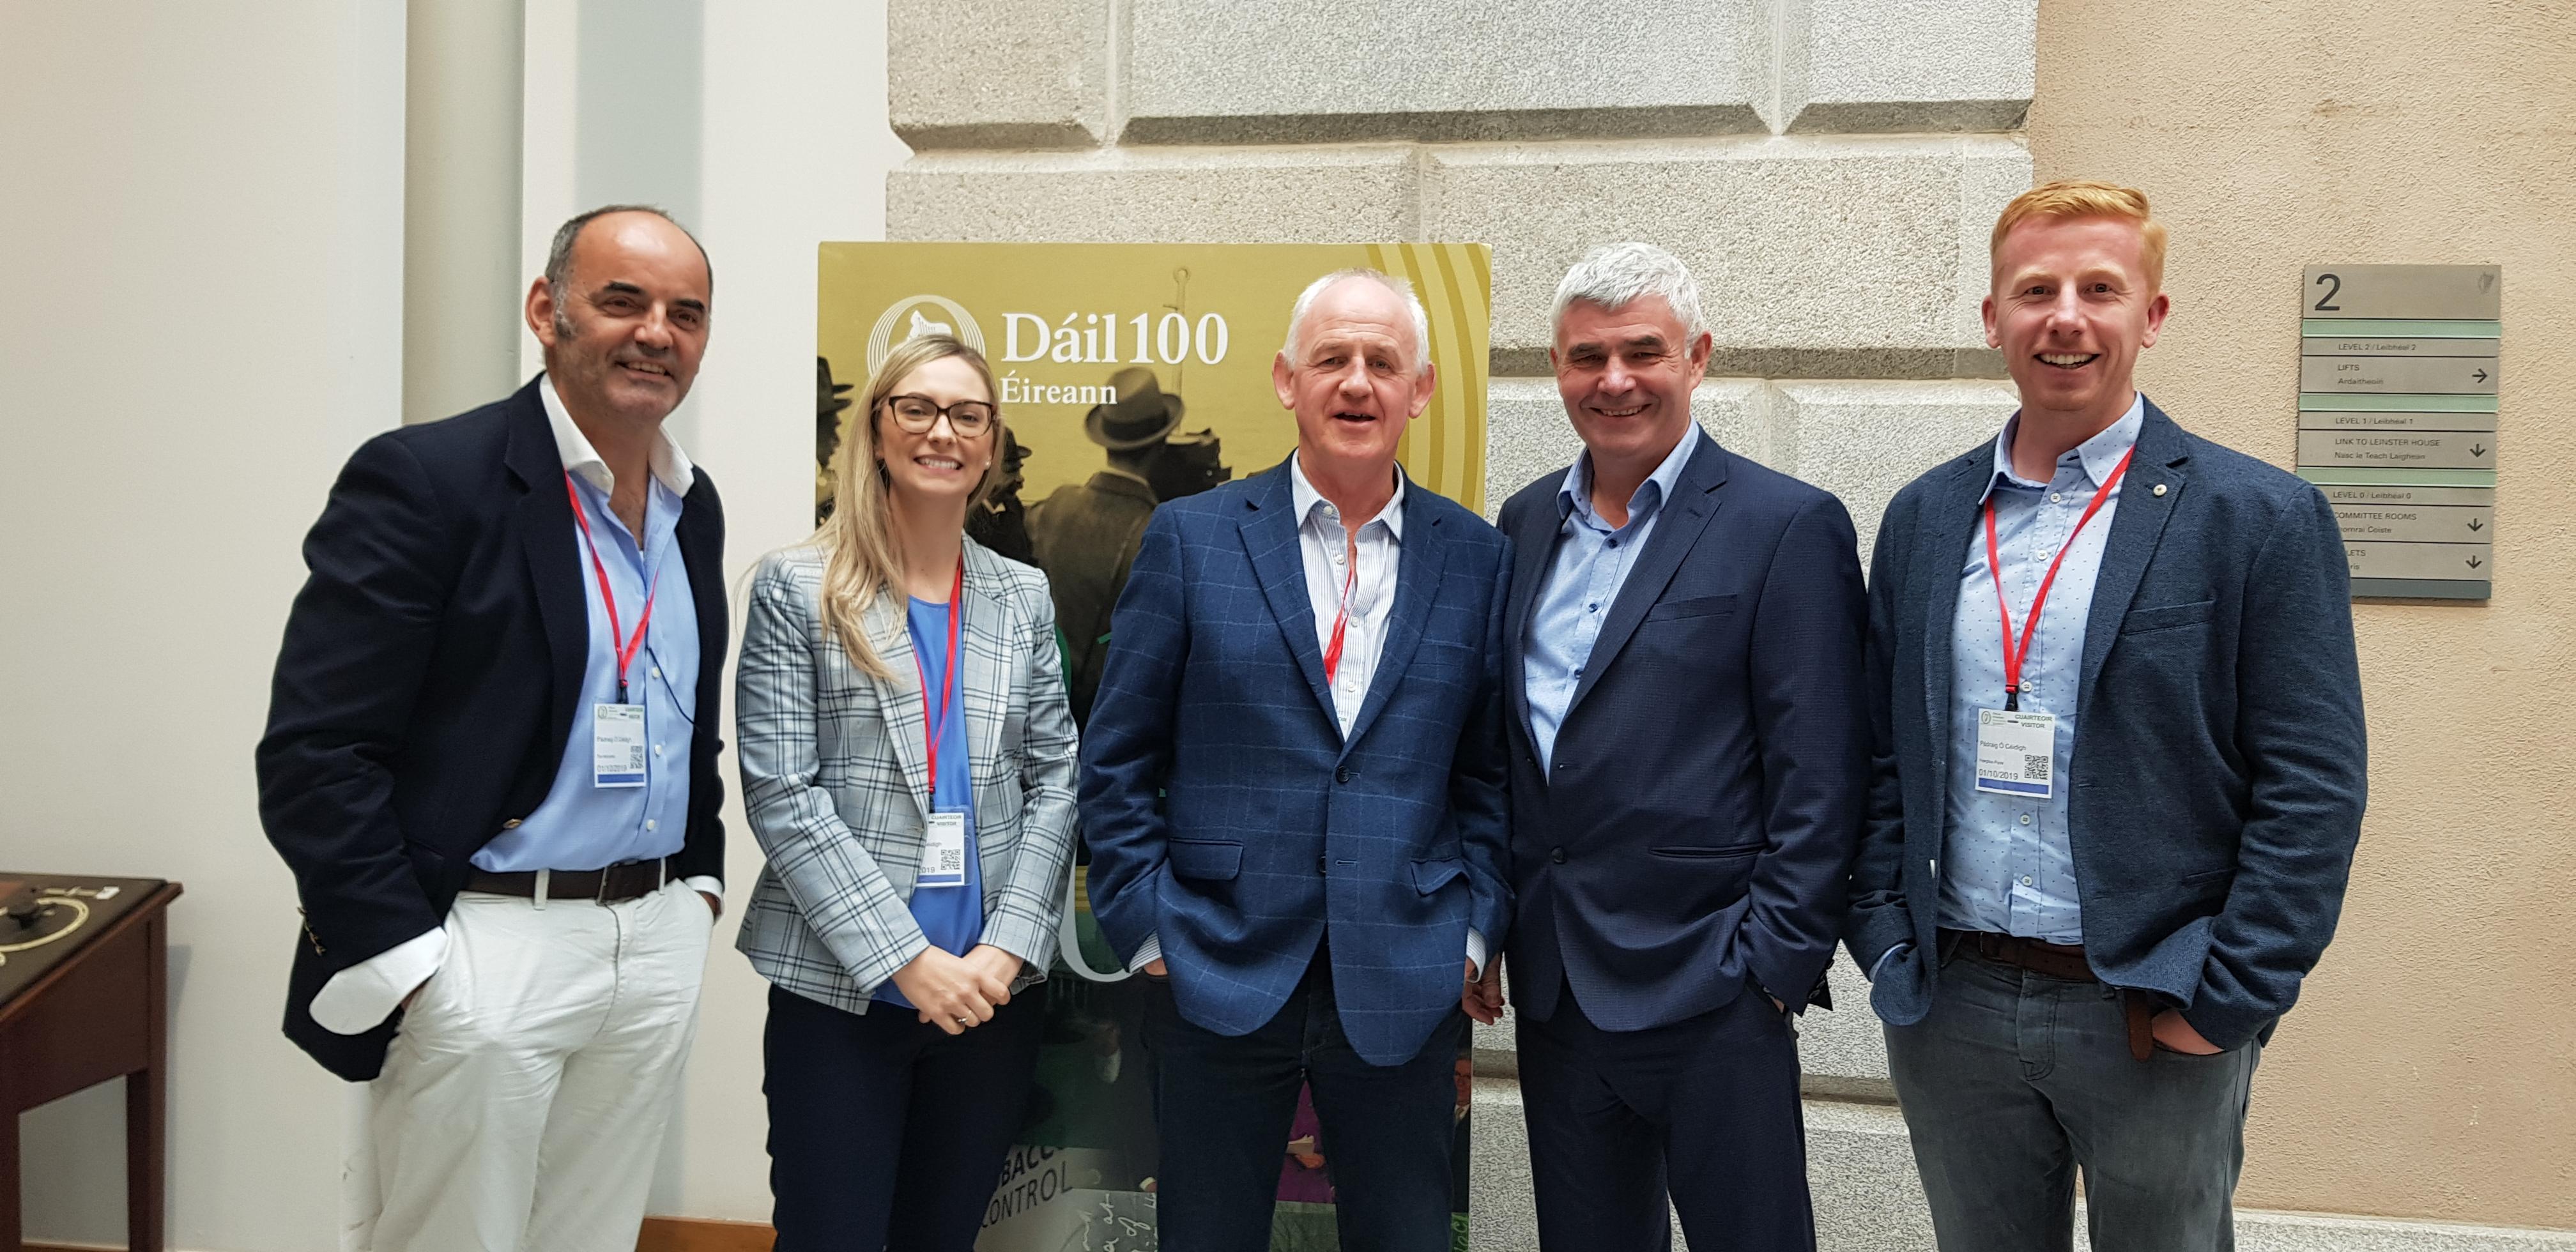 U-Flyte visits Senator Pádraig Ó Céidigh in Leinster House